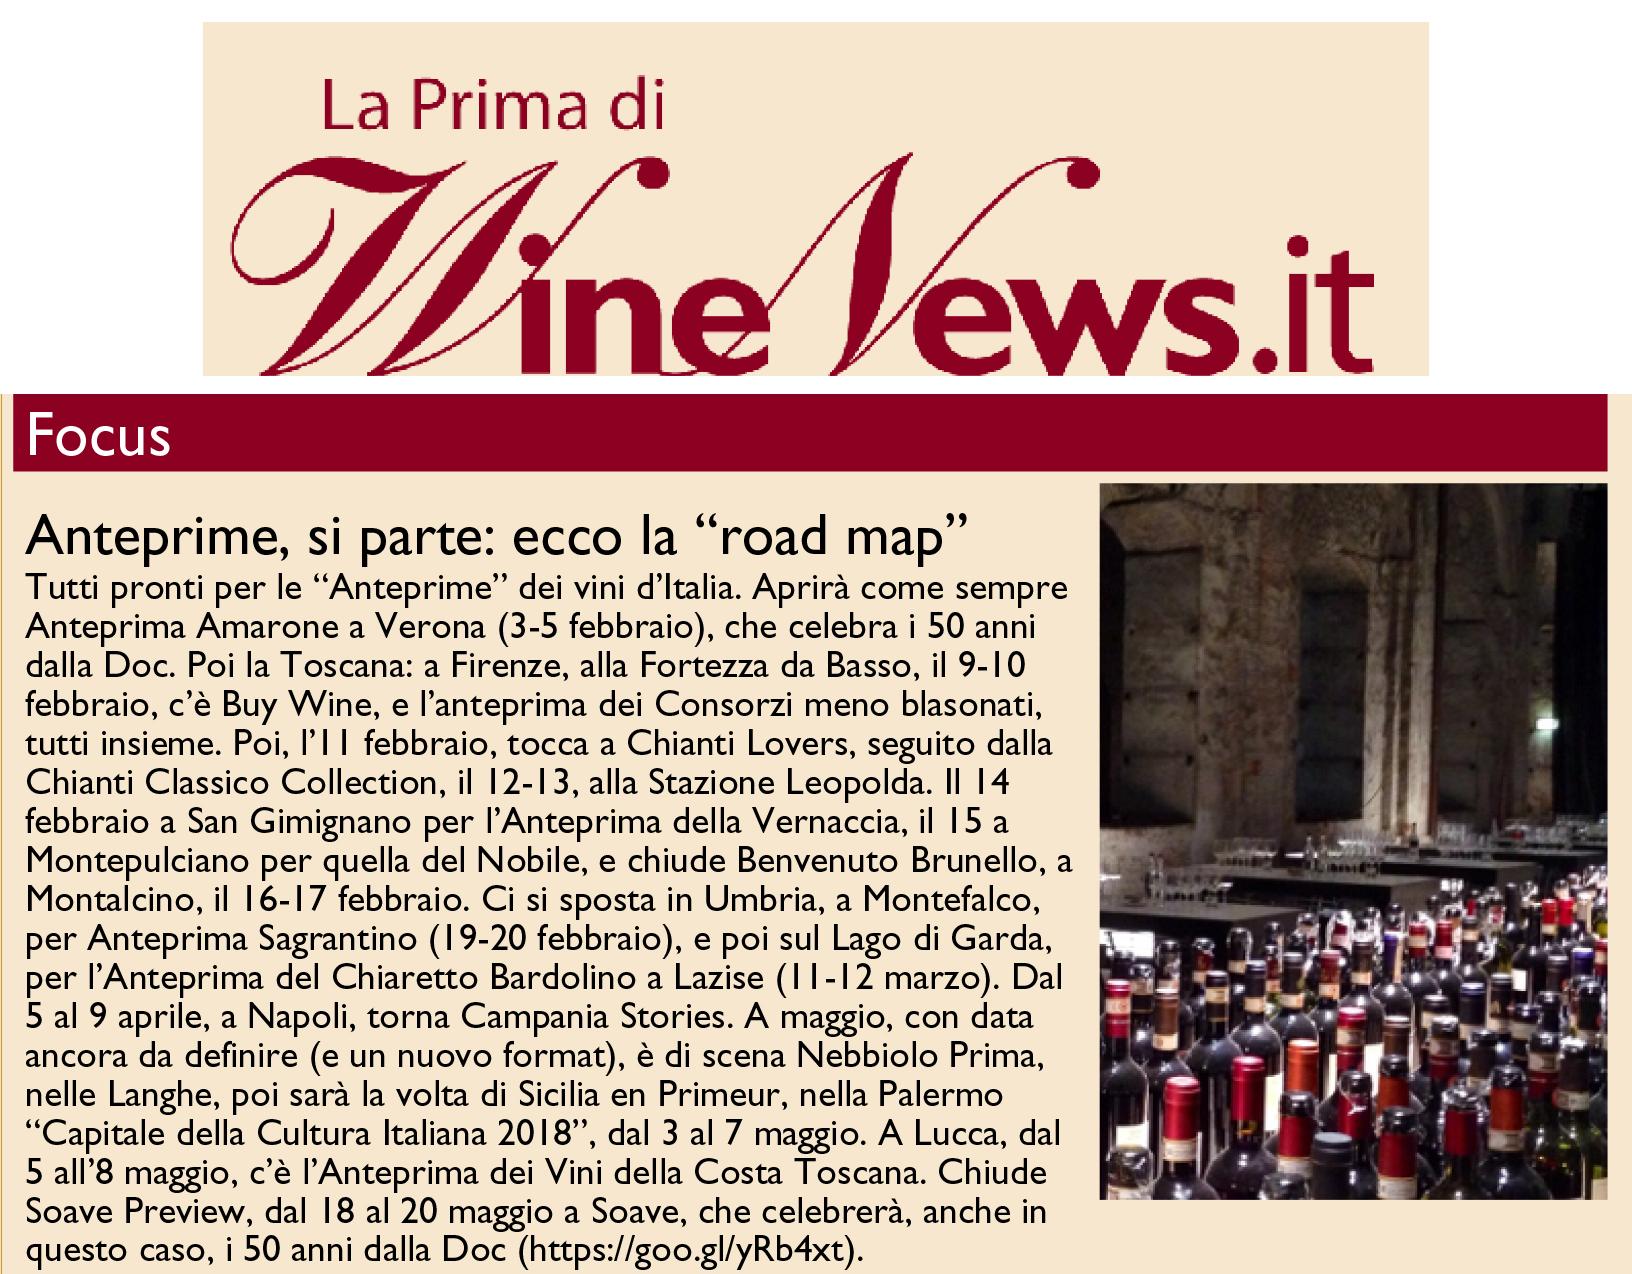 WineNews - La Prima di Winenews - n. 2307 - Giugno 2005